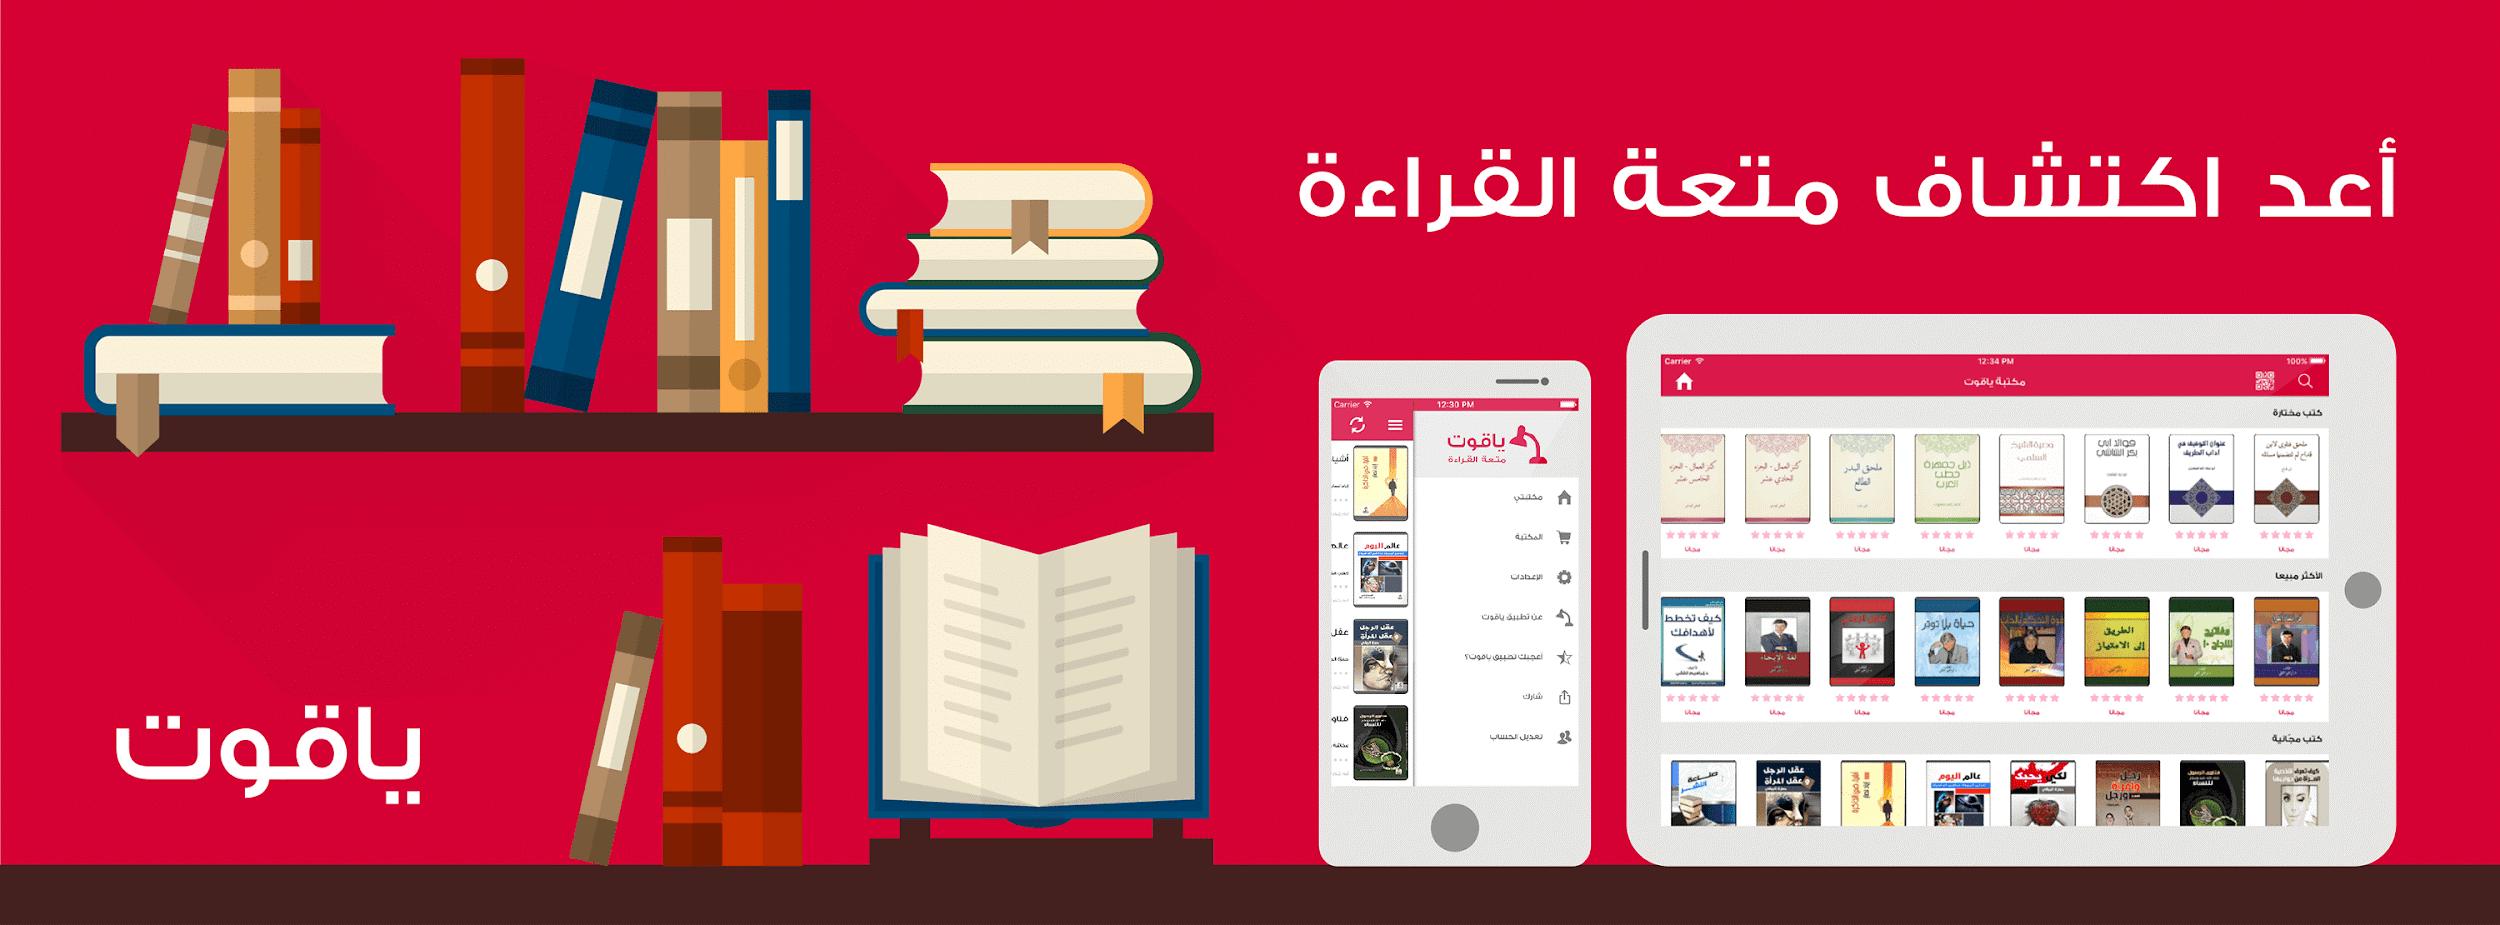 كتب، قراءة، كتب الكترونية، كتب رقمية، كتاب صوتي، هنناوي، أبجد، كتبي